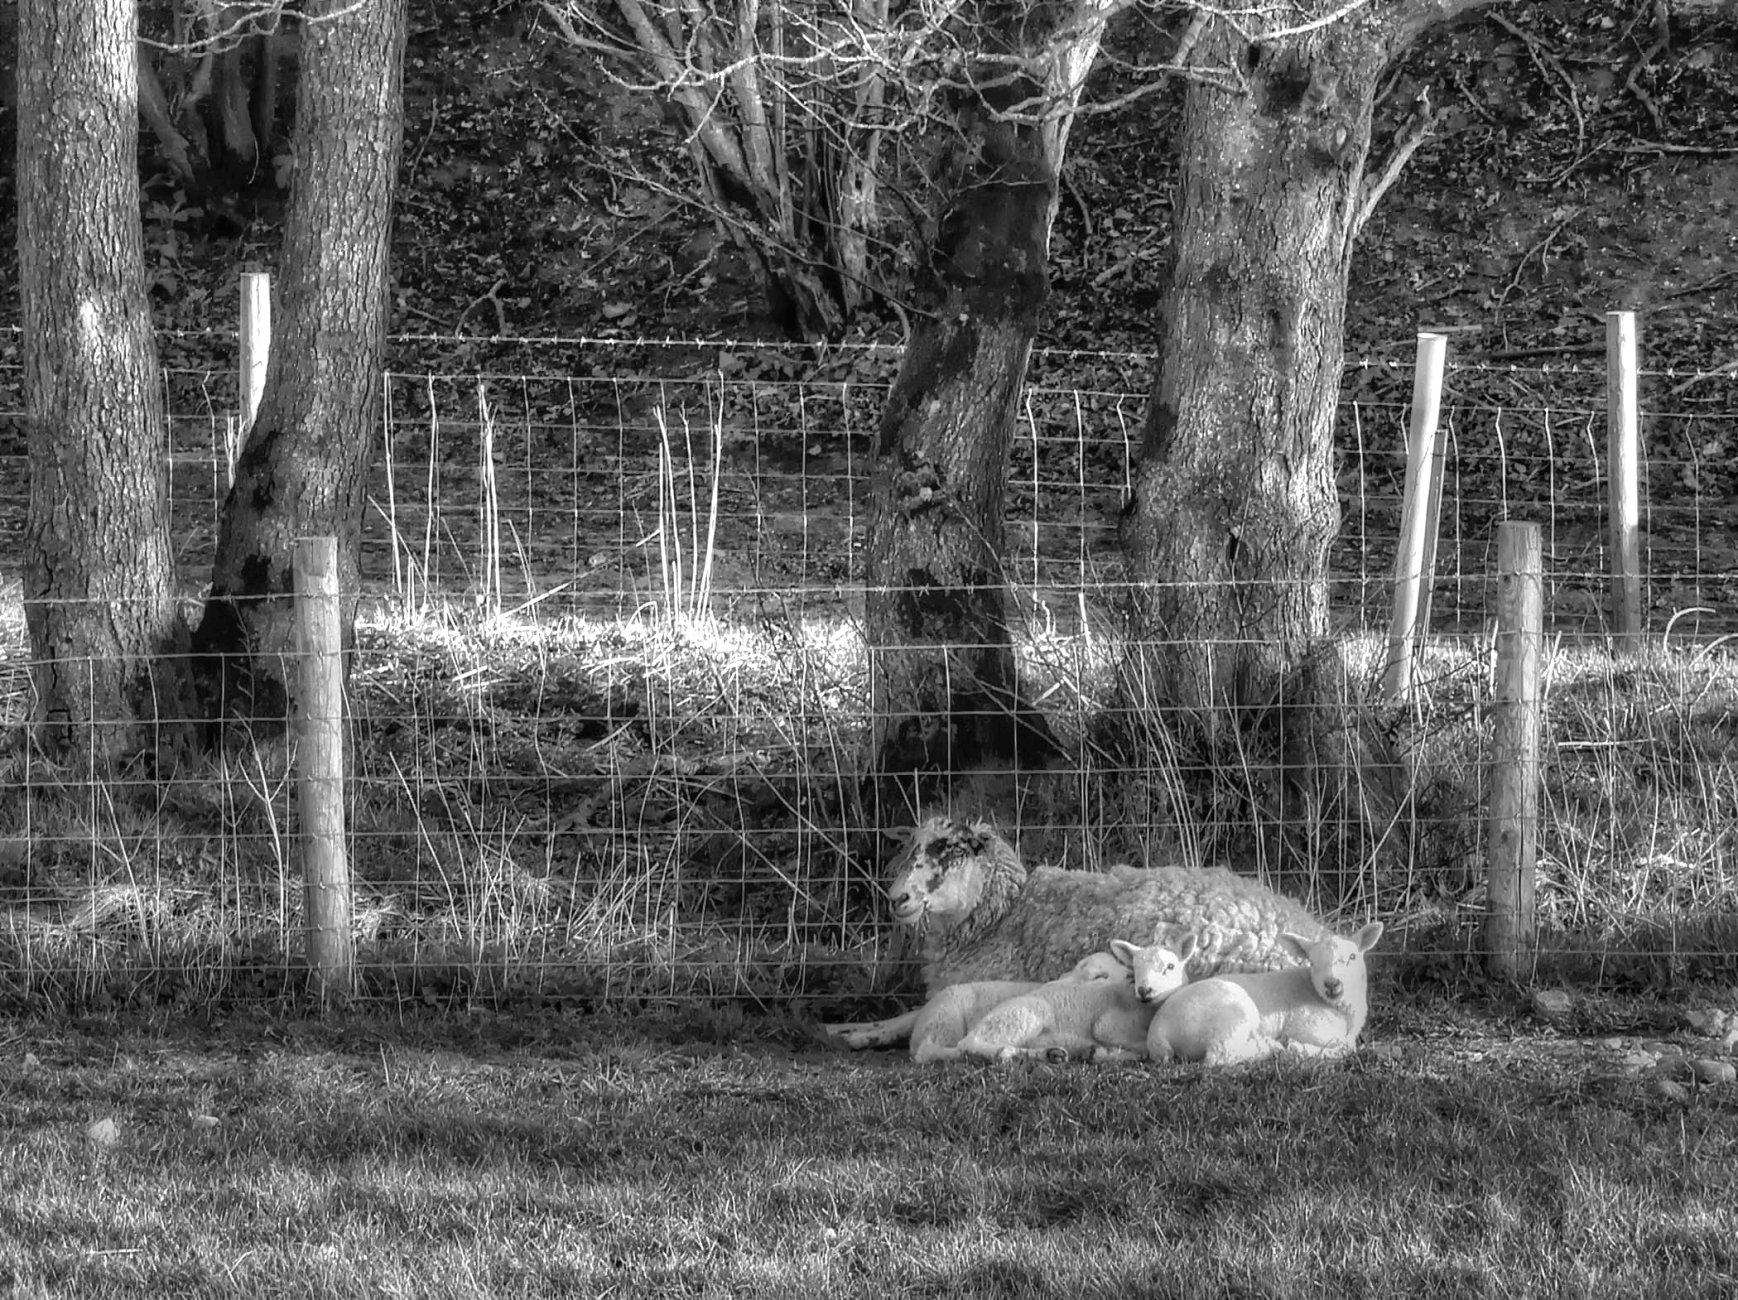 The life of a lamb